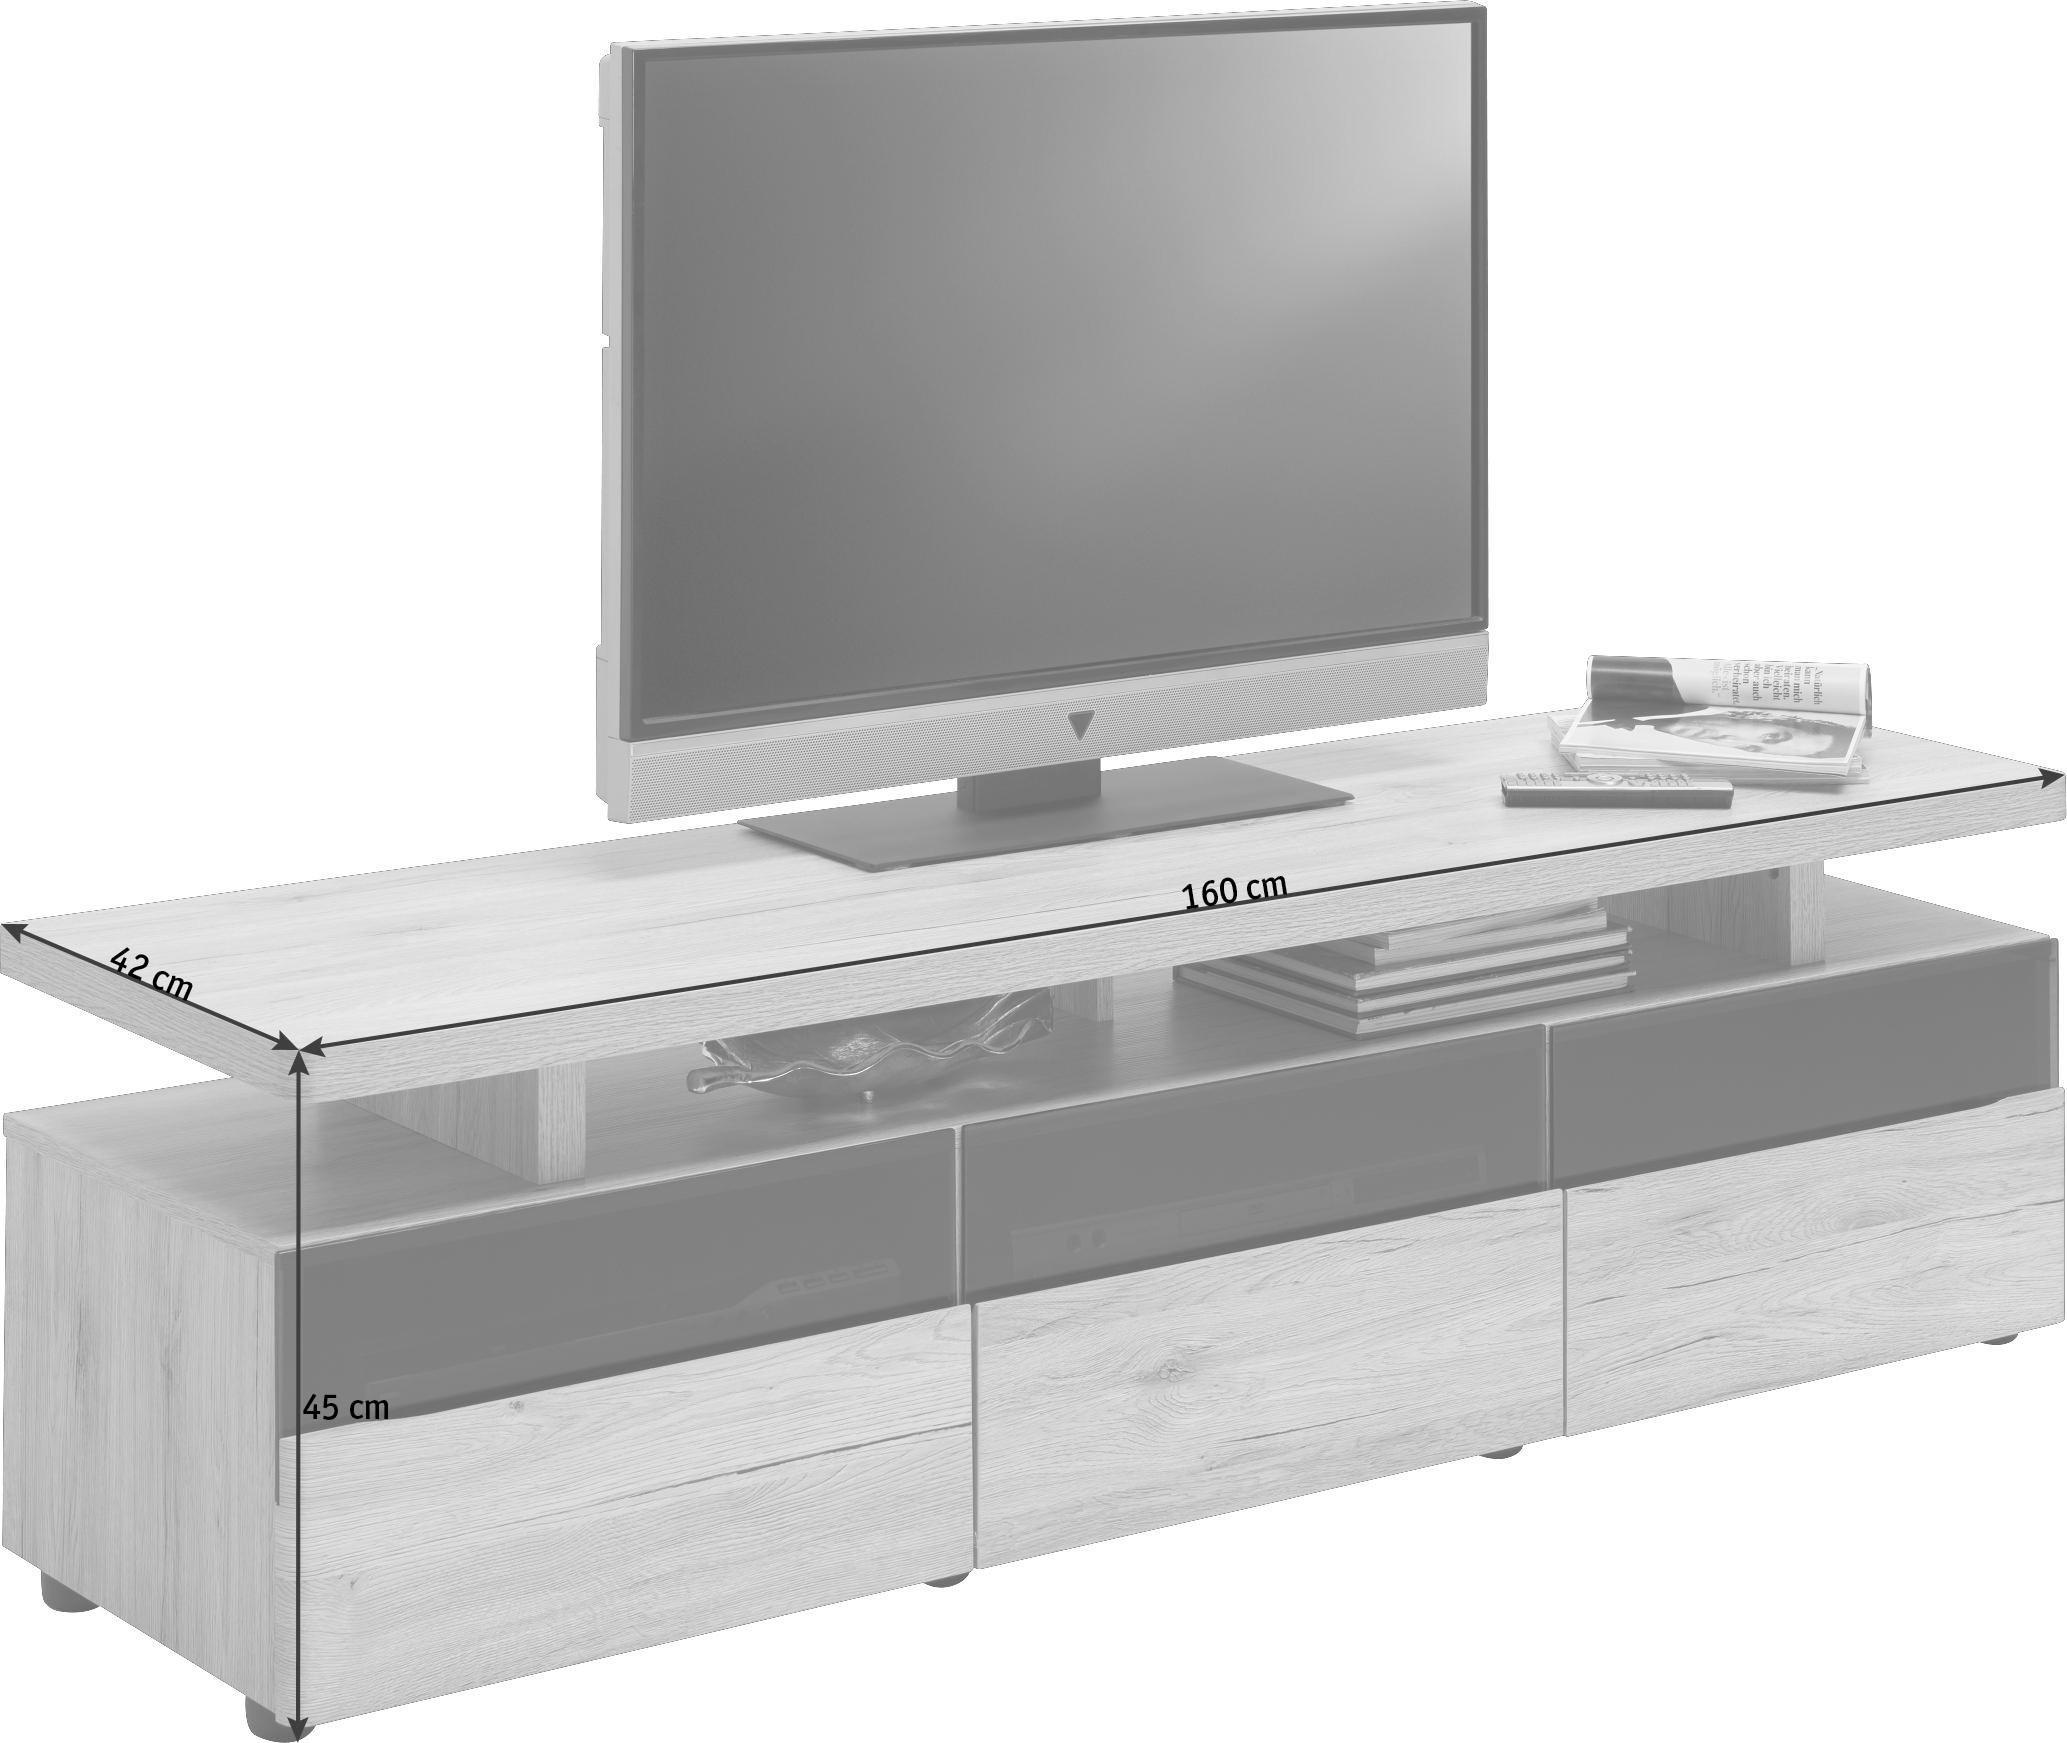 LOWBOARD Eiche Eichefarben, Grau - Eichefarben/Grau, Design, Glas/Kunststoff (160/45/42cm)